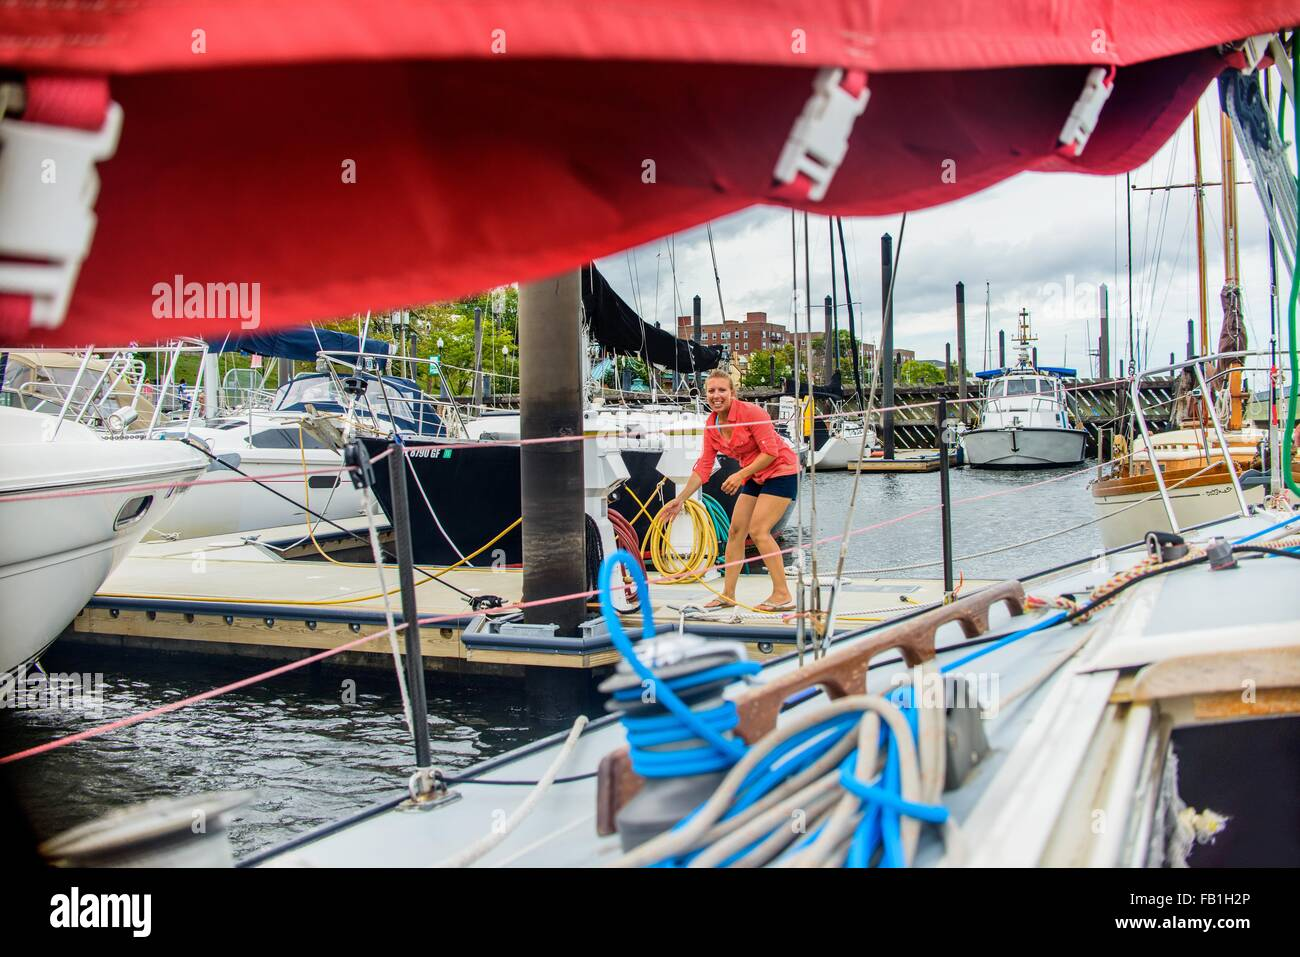 Young woman on marina pier mooring sailboat looking at camera smiling - Stock Image